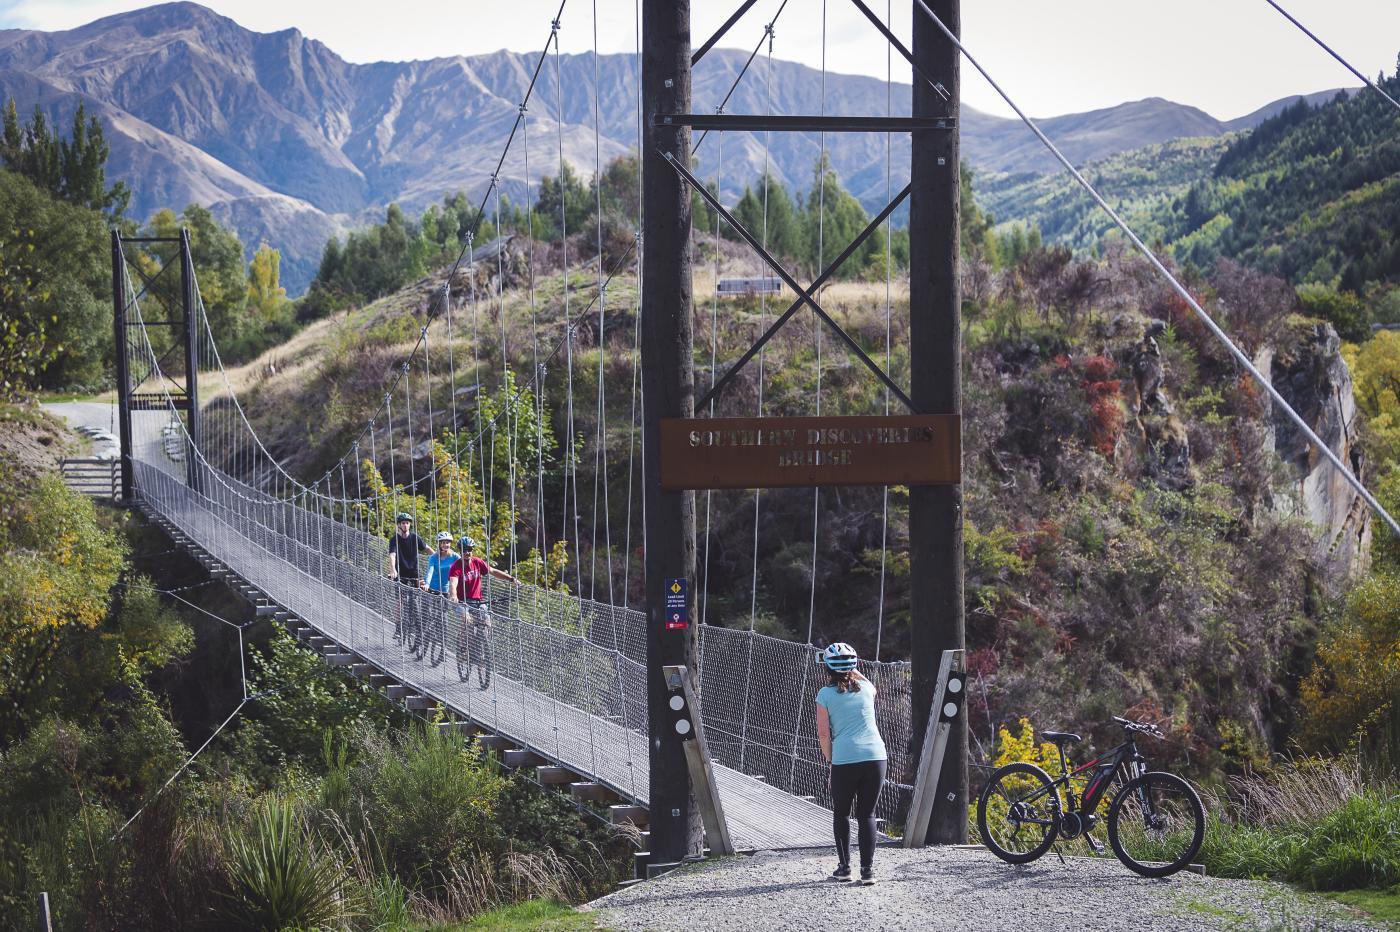 Around The Basin self-bike tour